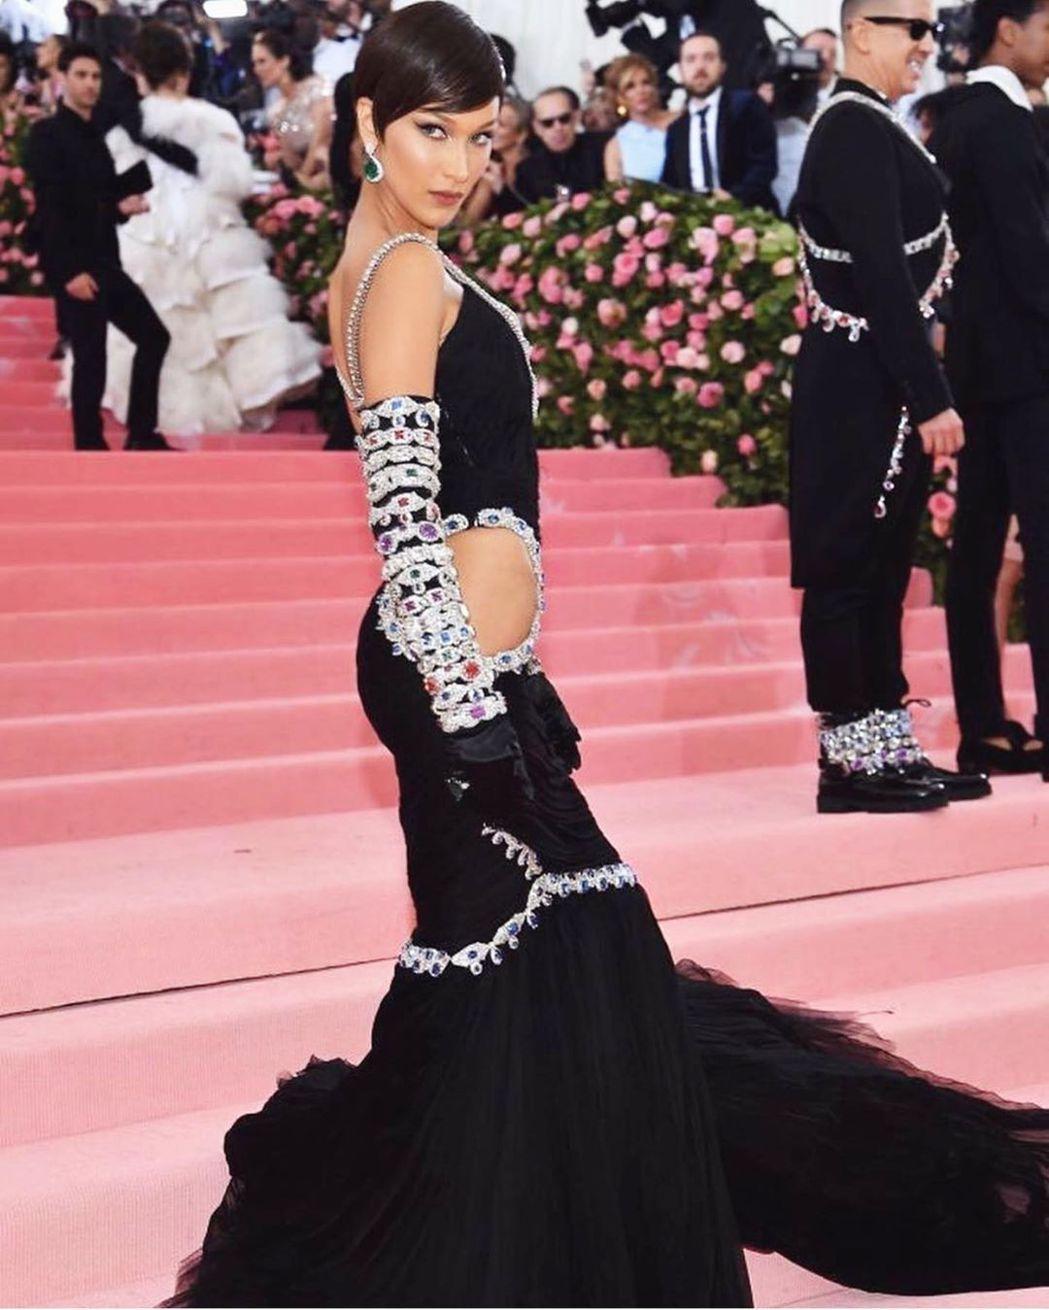 貝拉哈蒂德以Moschino的寶石裝飾禮服現身,腰臀部挖空設計相當性感。圖/摘自...